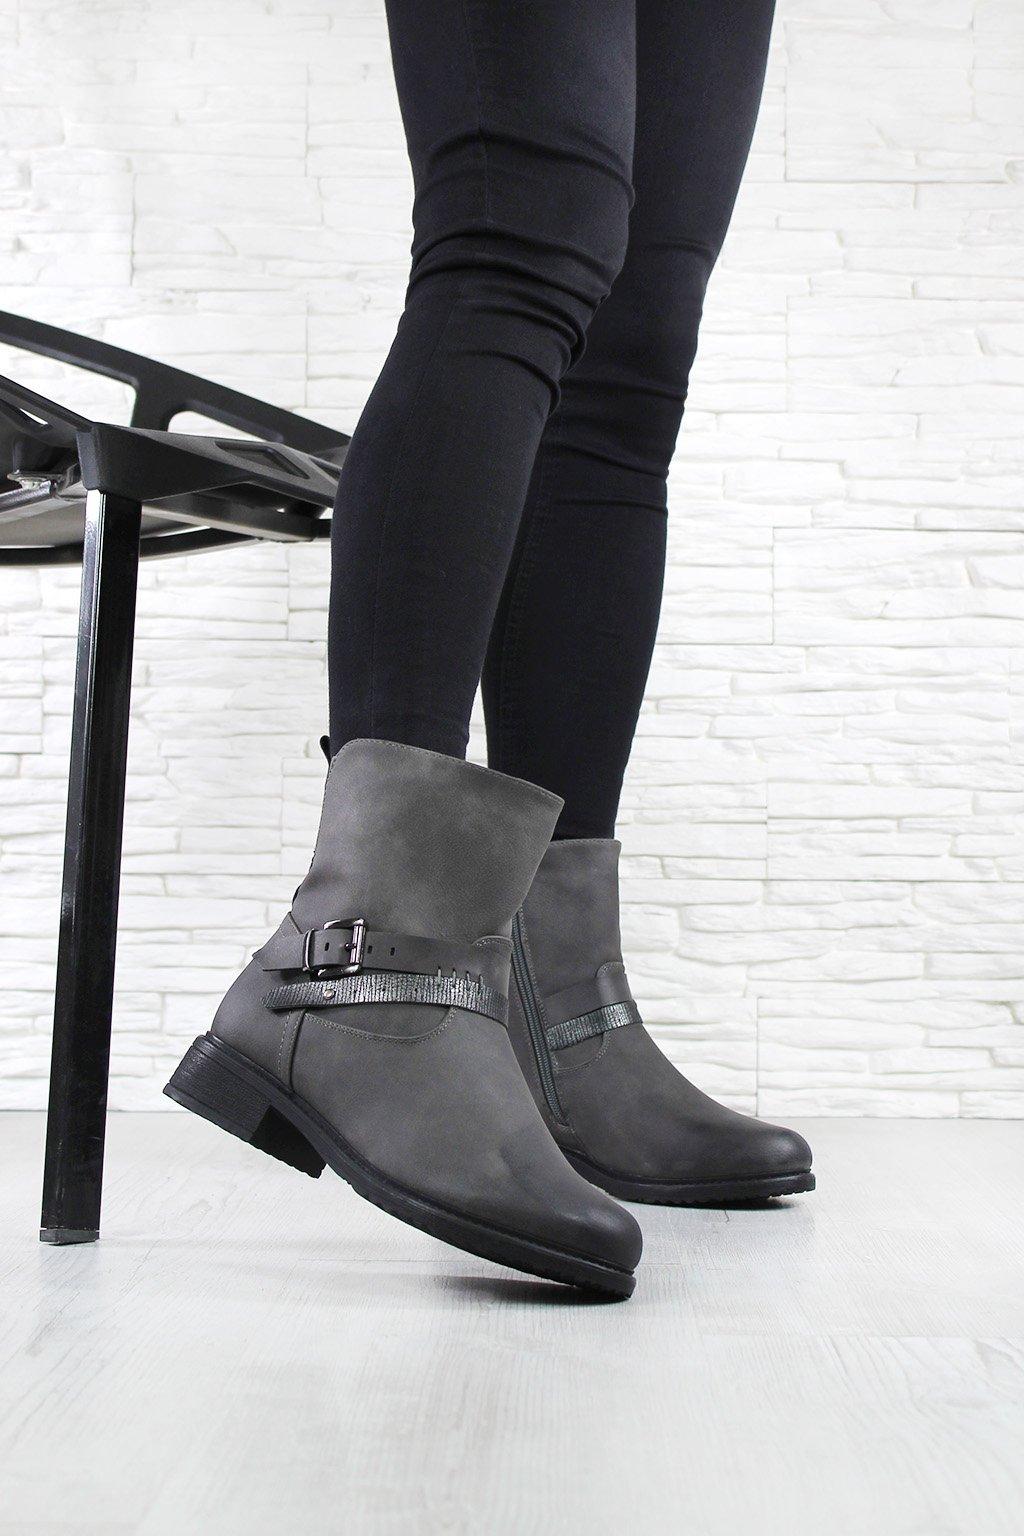 Dámské boty 1466 5G (4)